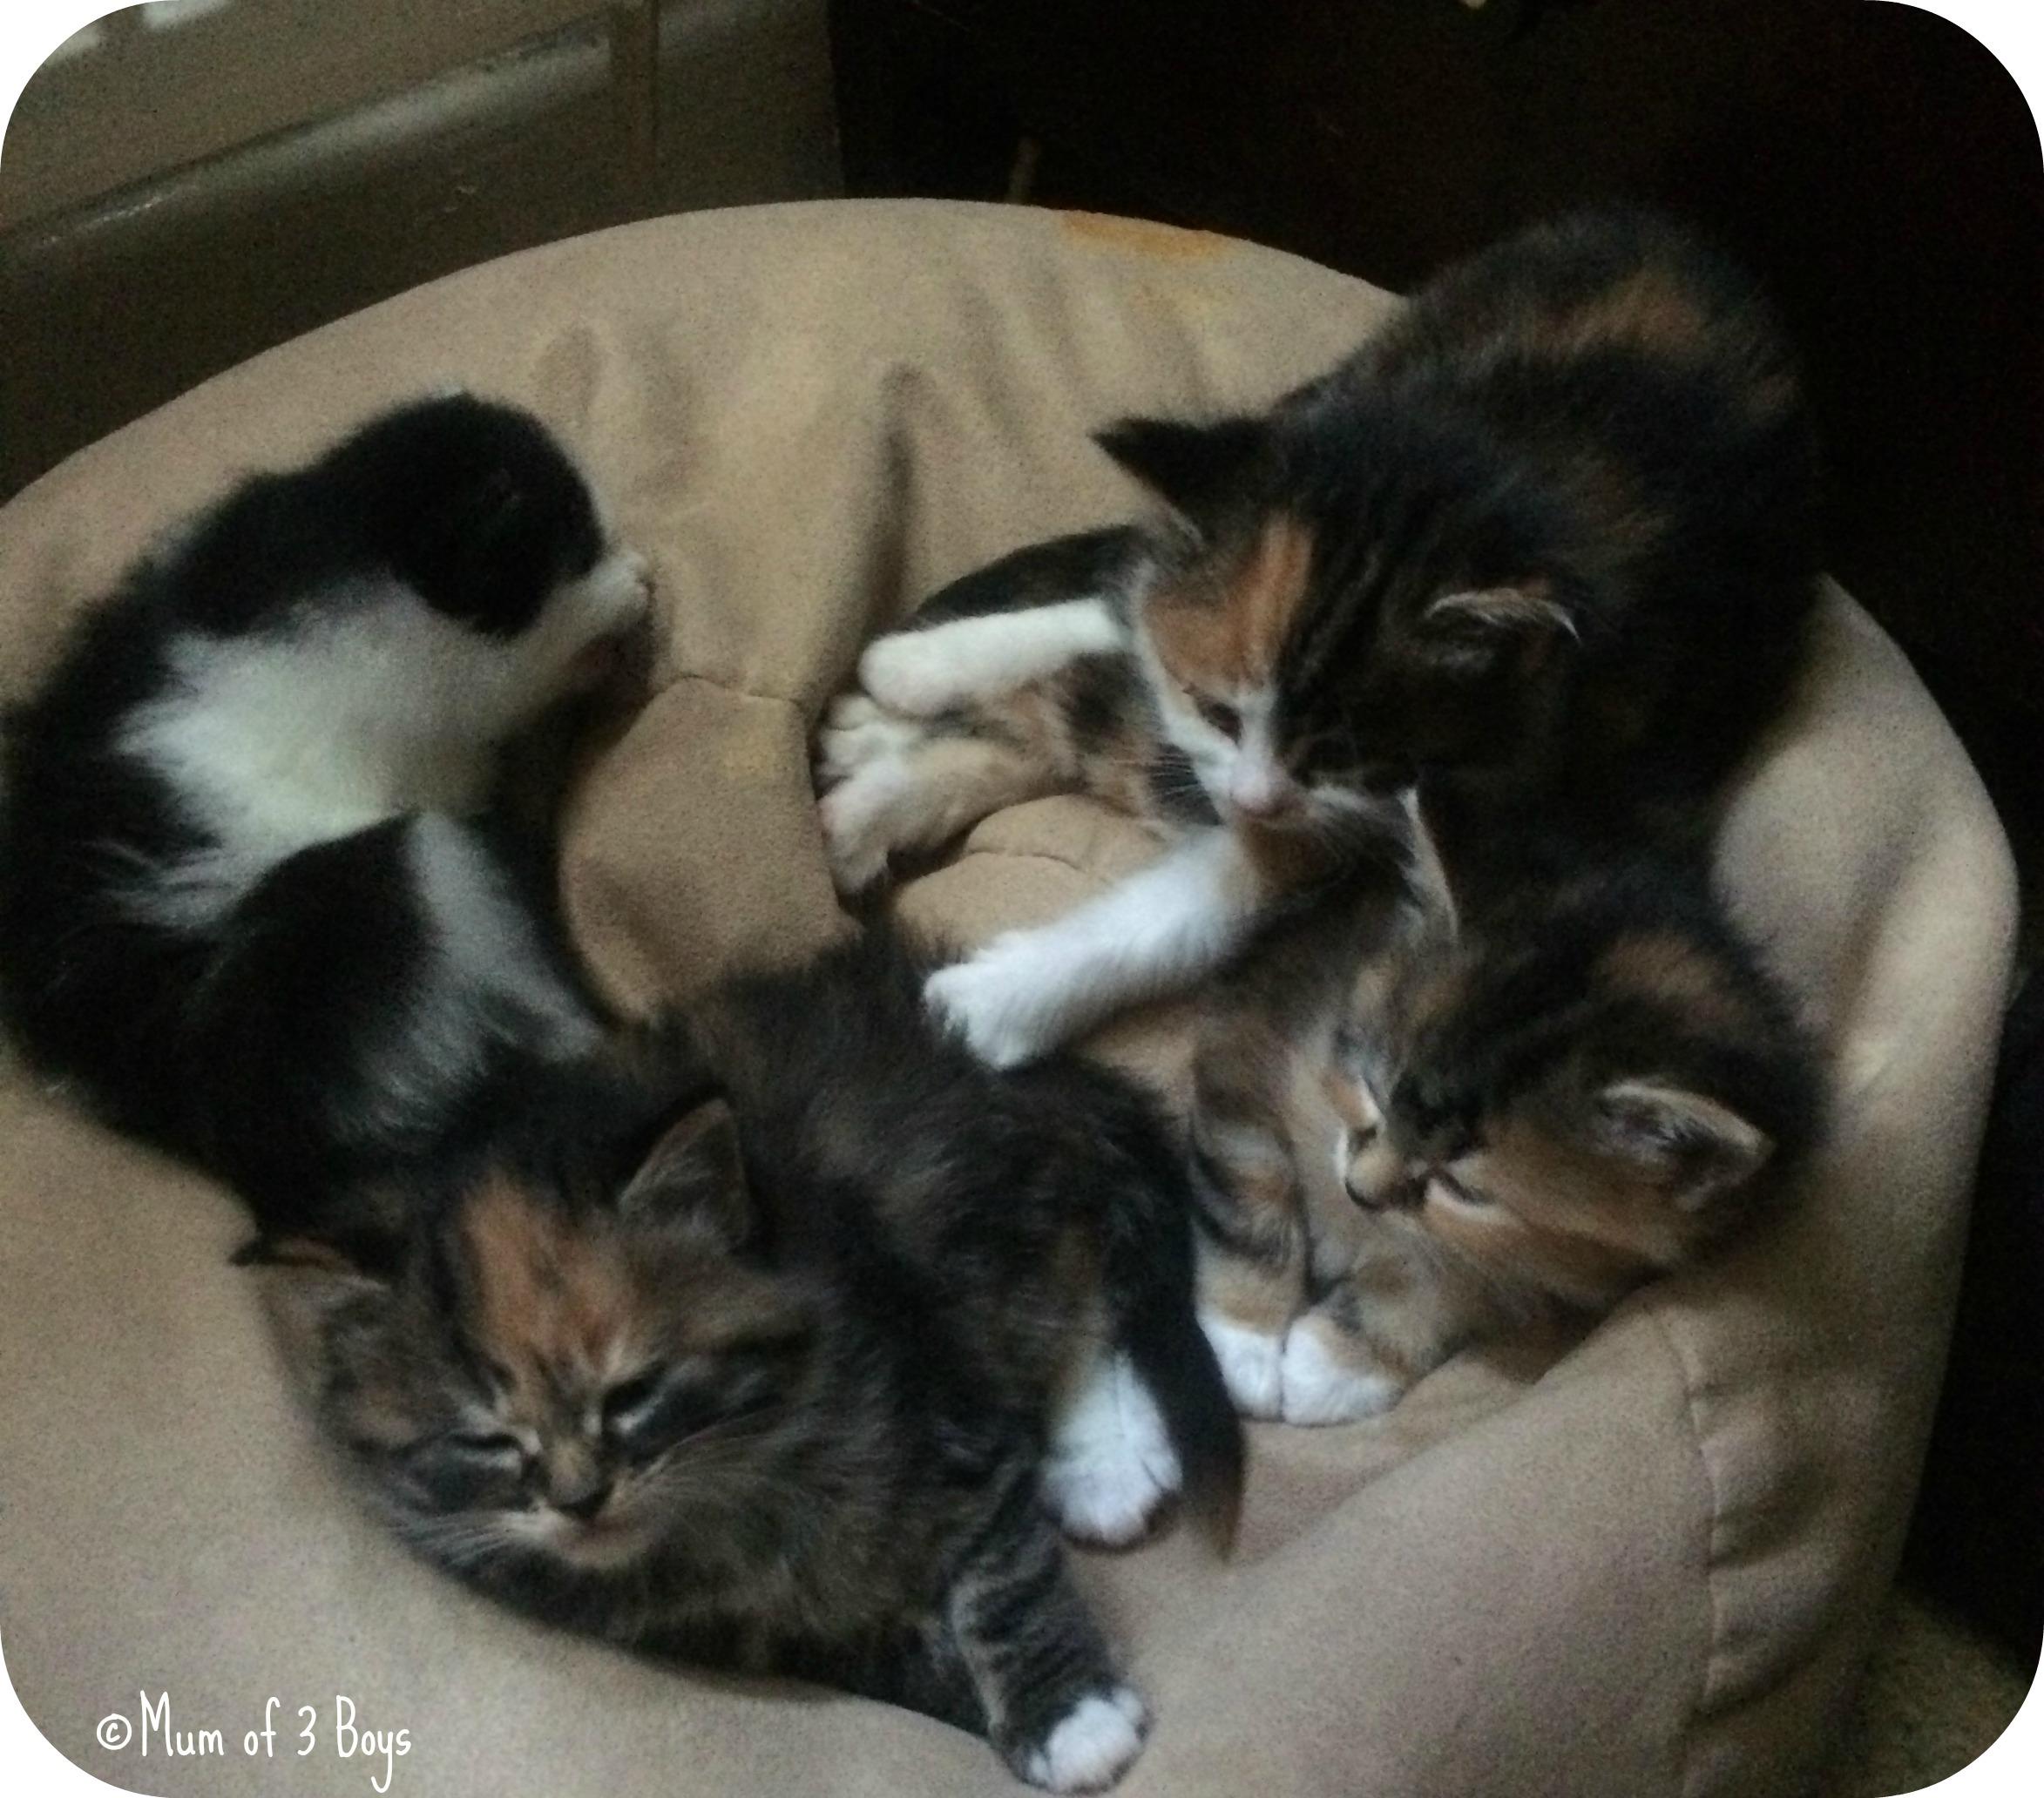 kittens sunday photo